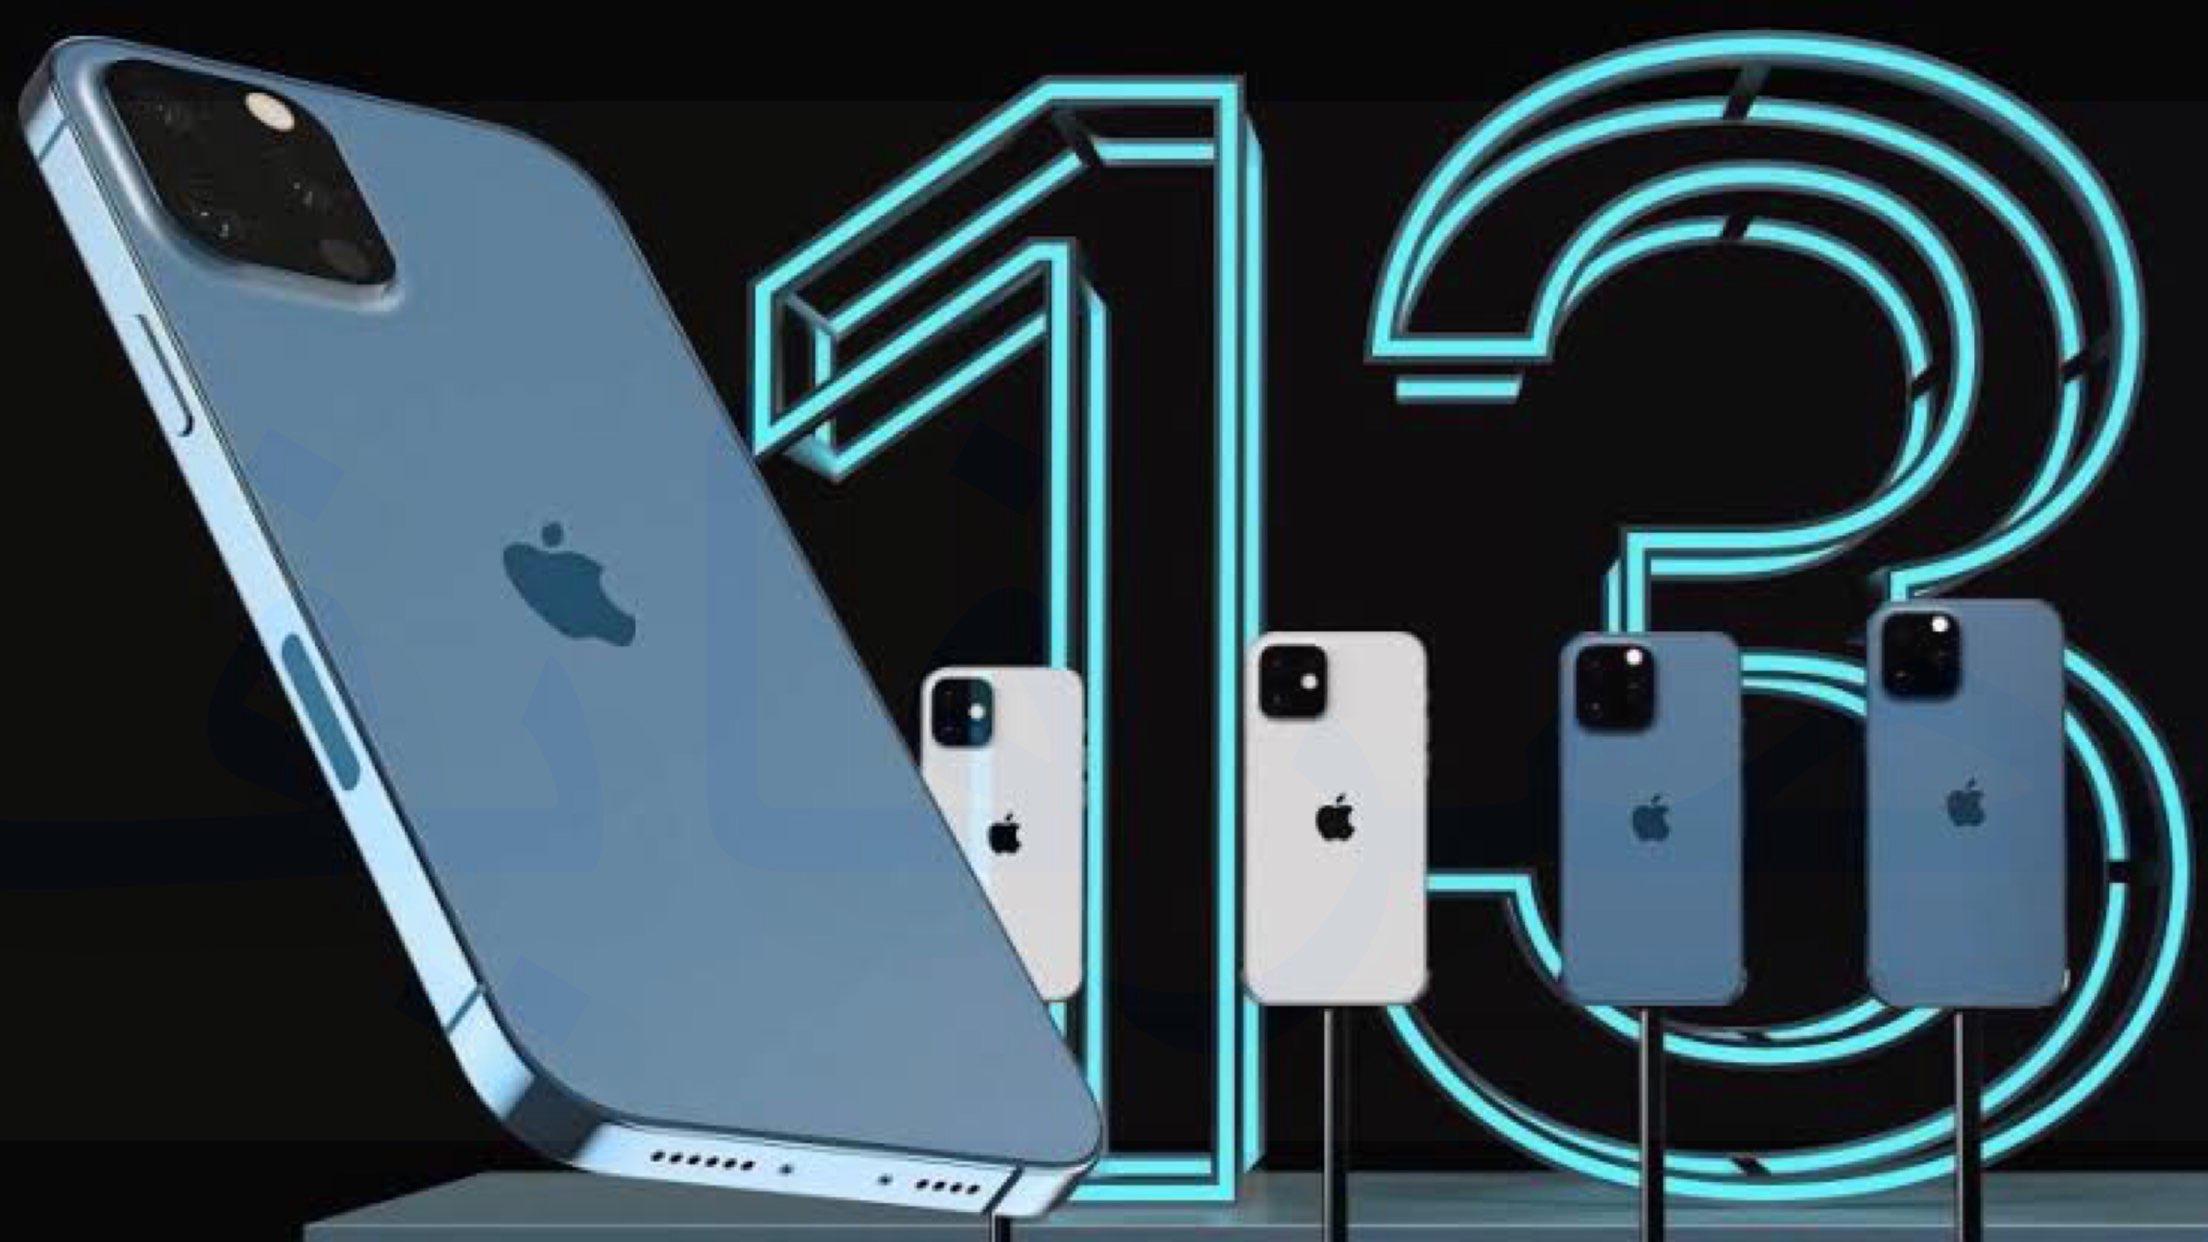 تقنيات مبهرة يحتويها هاتف آيفون 13 المنتظر وانباء لن تُسعد كثيرين!